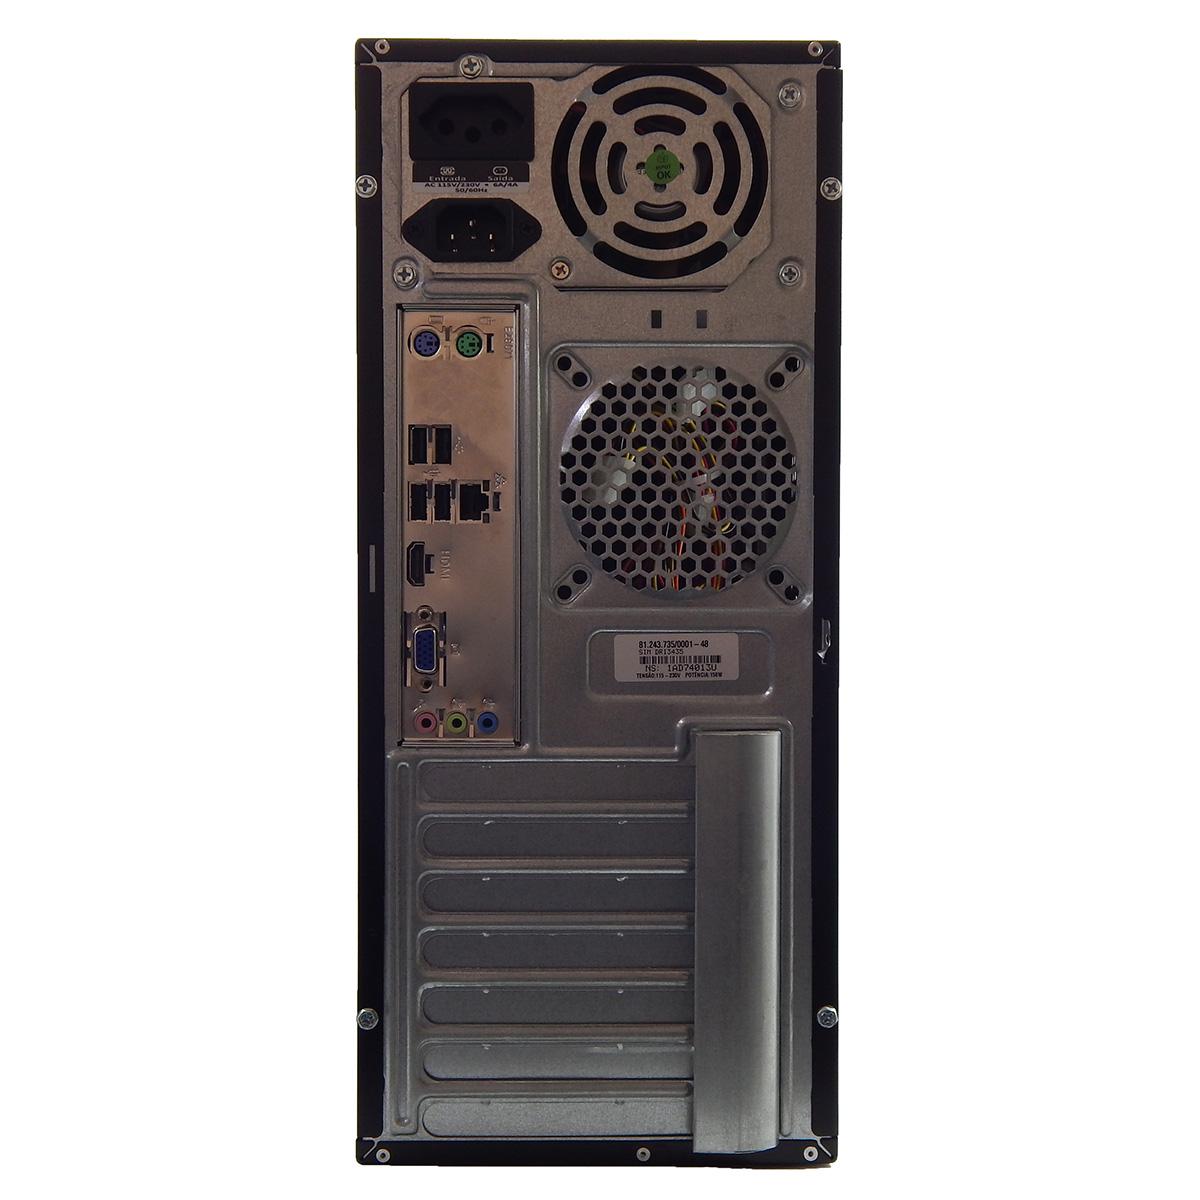 PC POSITIVO SIM DRI3435 Celeron J1800i 8Gb 1Tb DVD - Reembalado